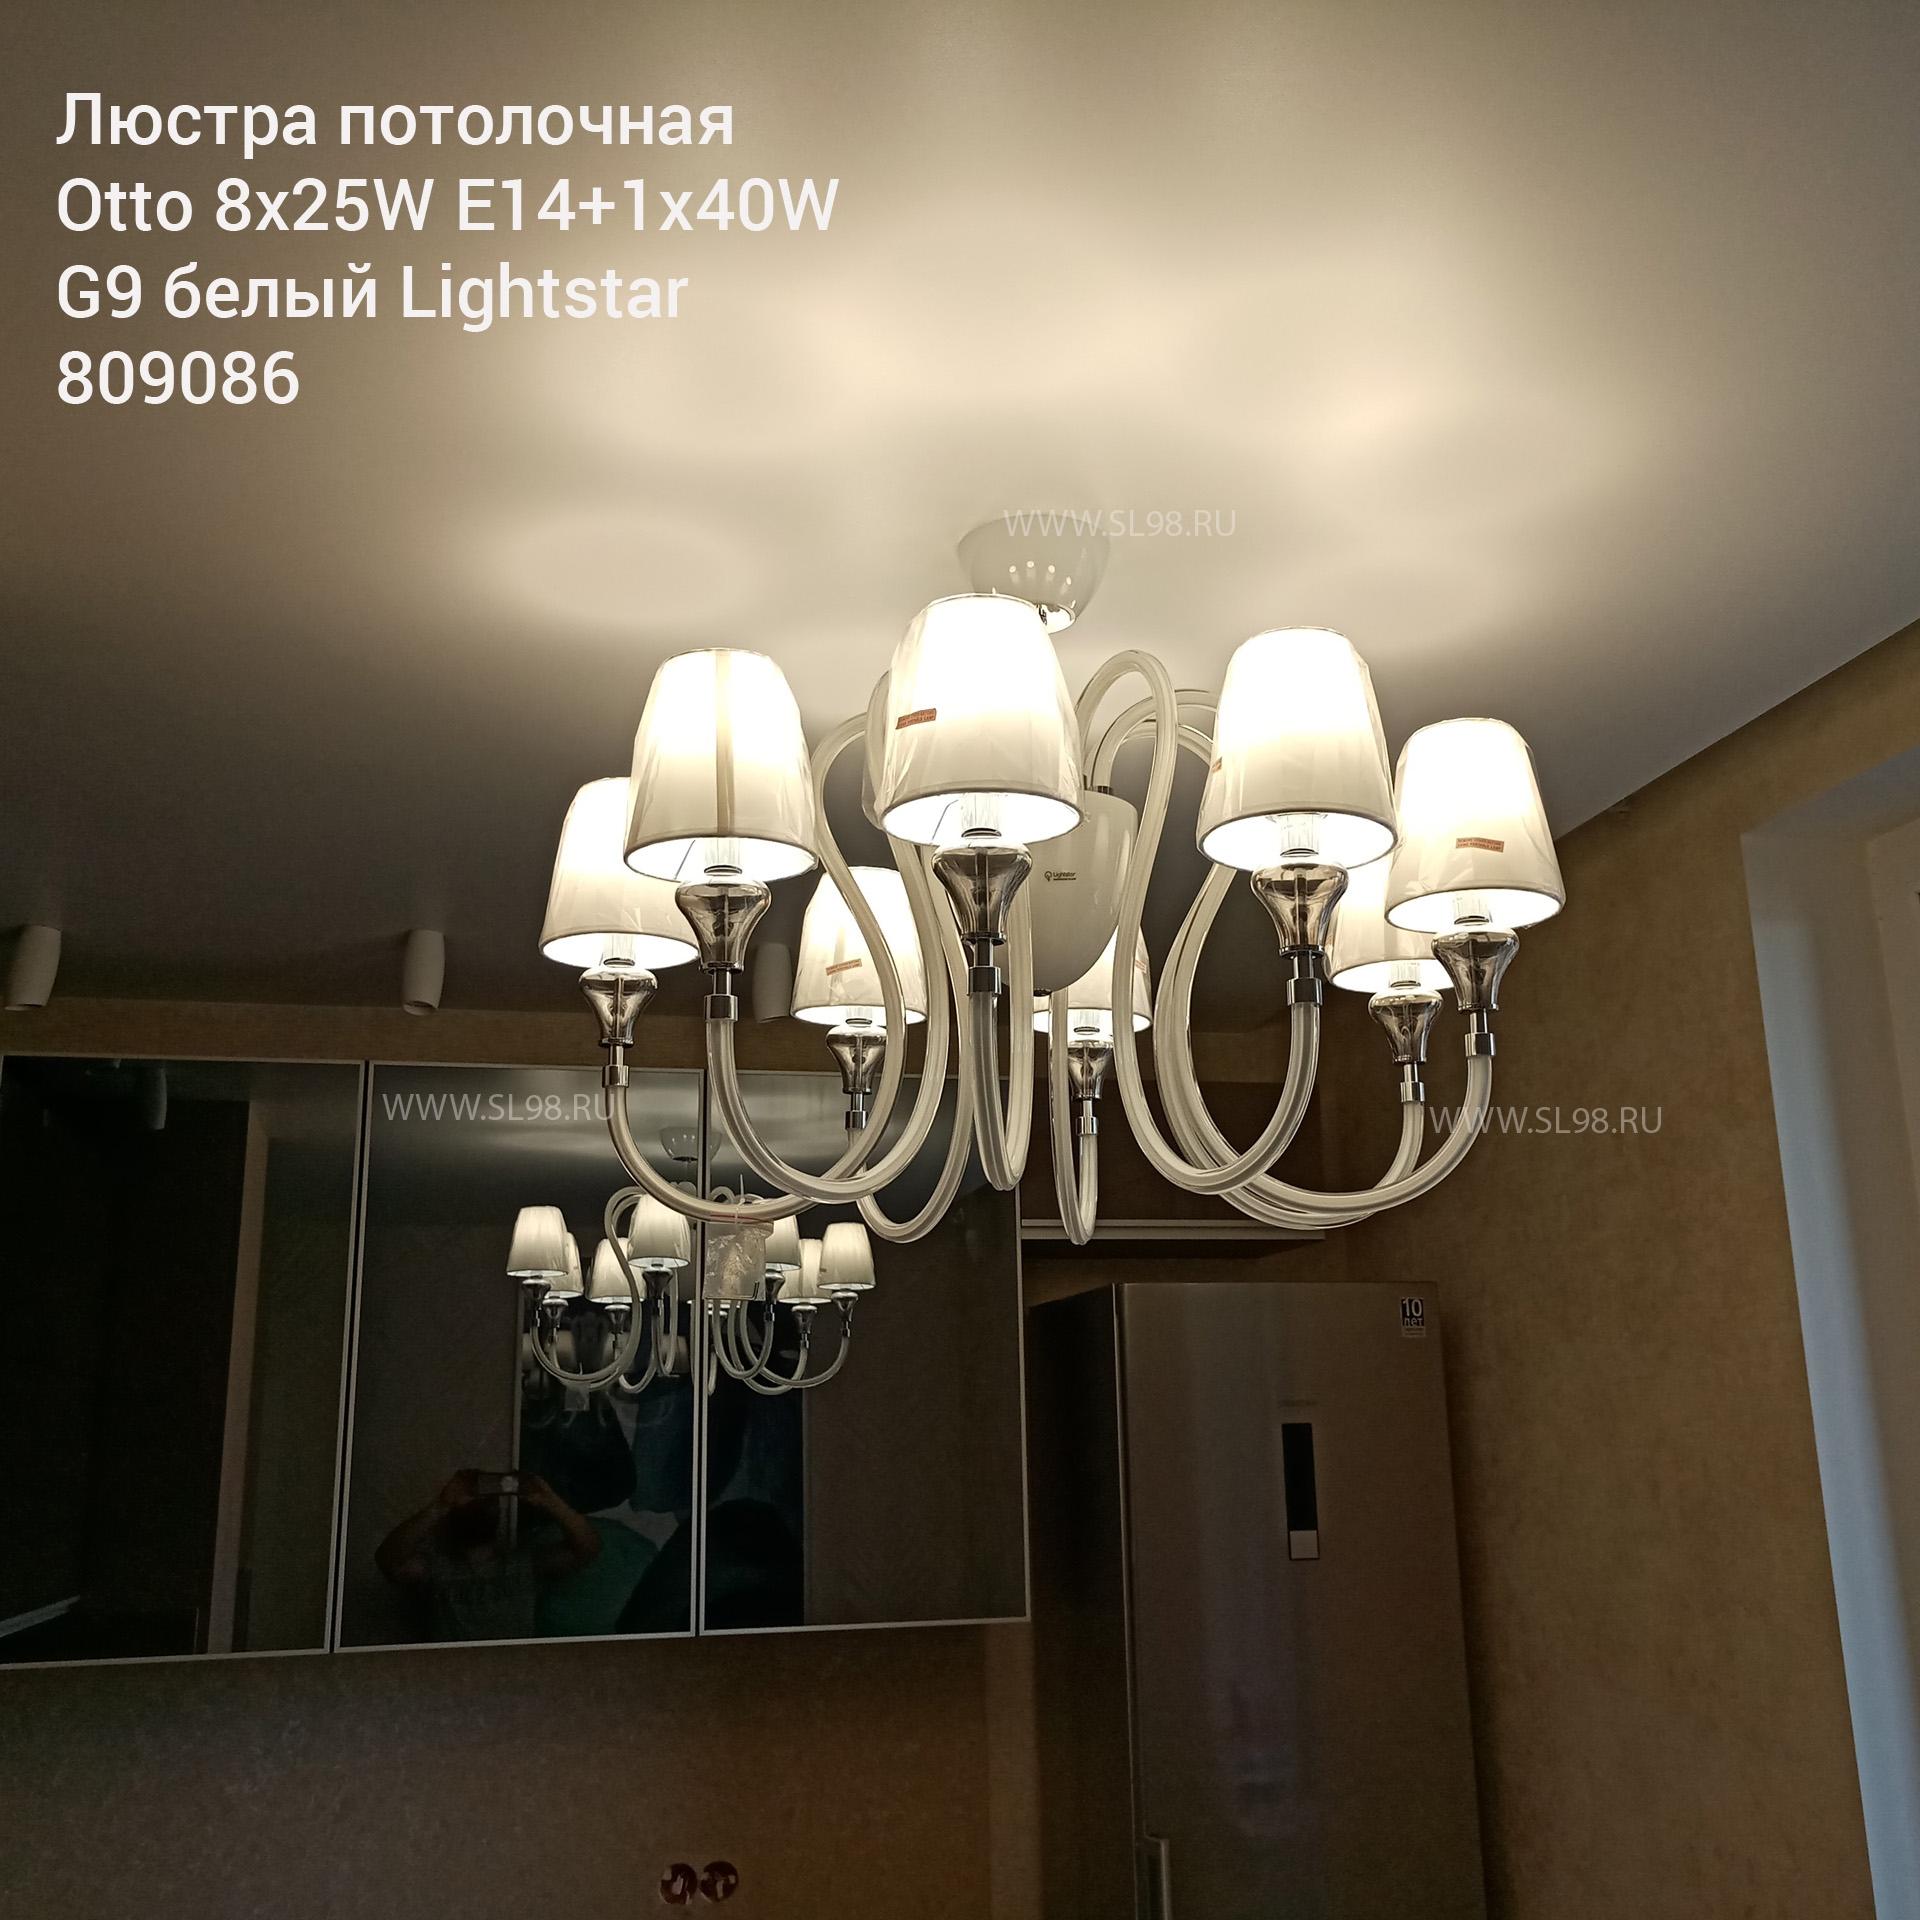 Люстра в интерьере: Люстра потолочная Otto 8х25W E14+1х40W G9 белый Lightstar 809086, купить в СПб, Москве, с доставкой, Санкт-Петербург, интернет-магазин люстр и светильников Starlight, фото в жизни